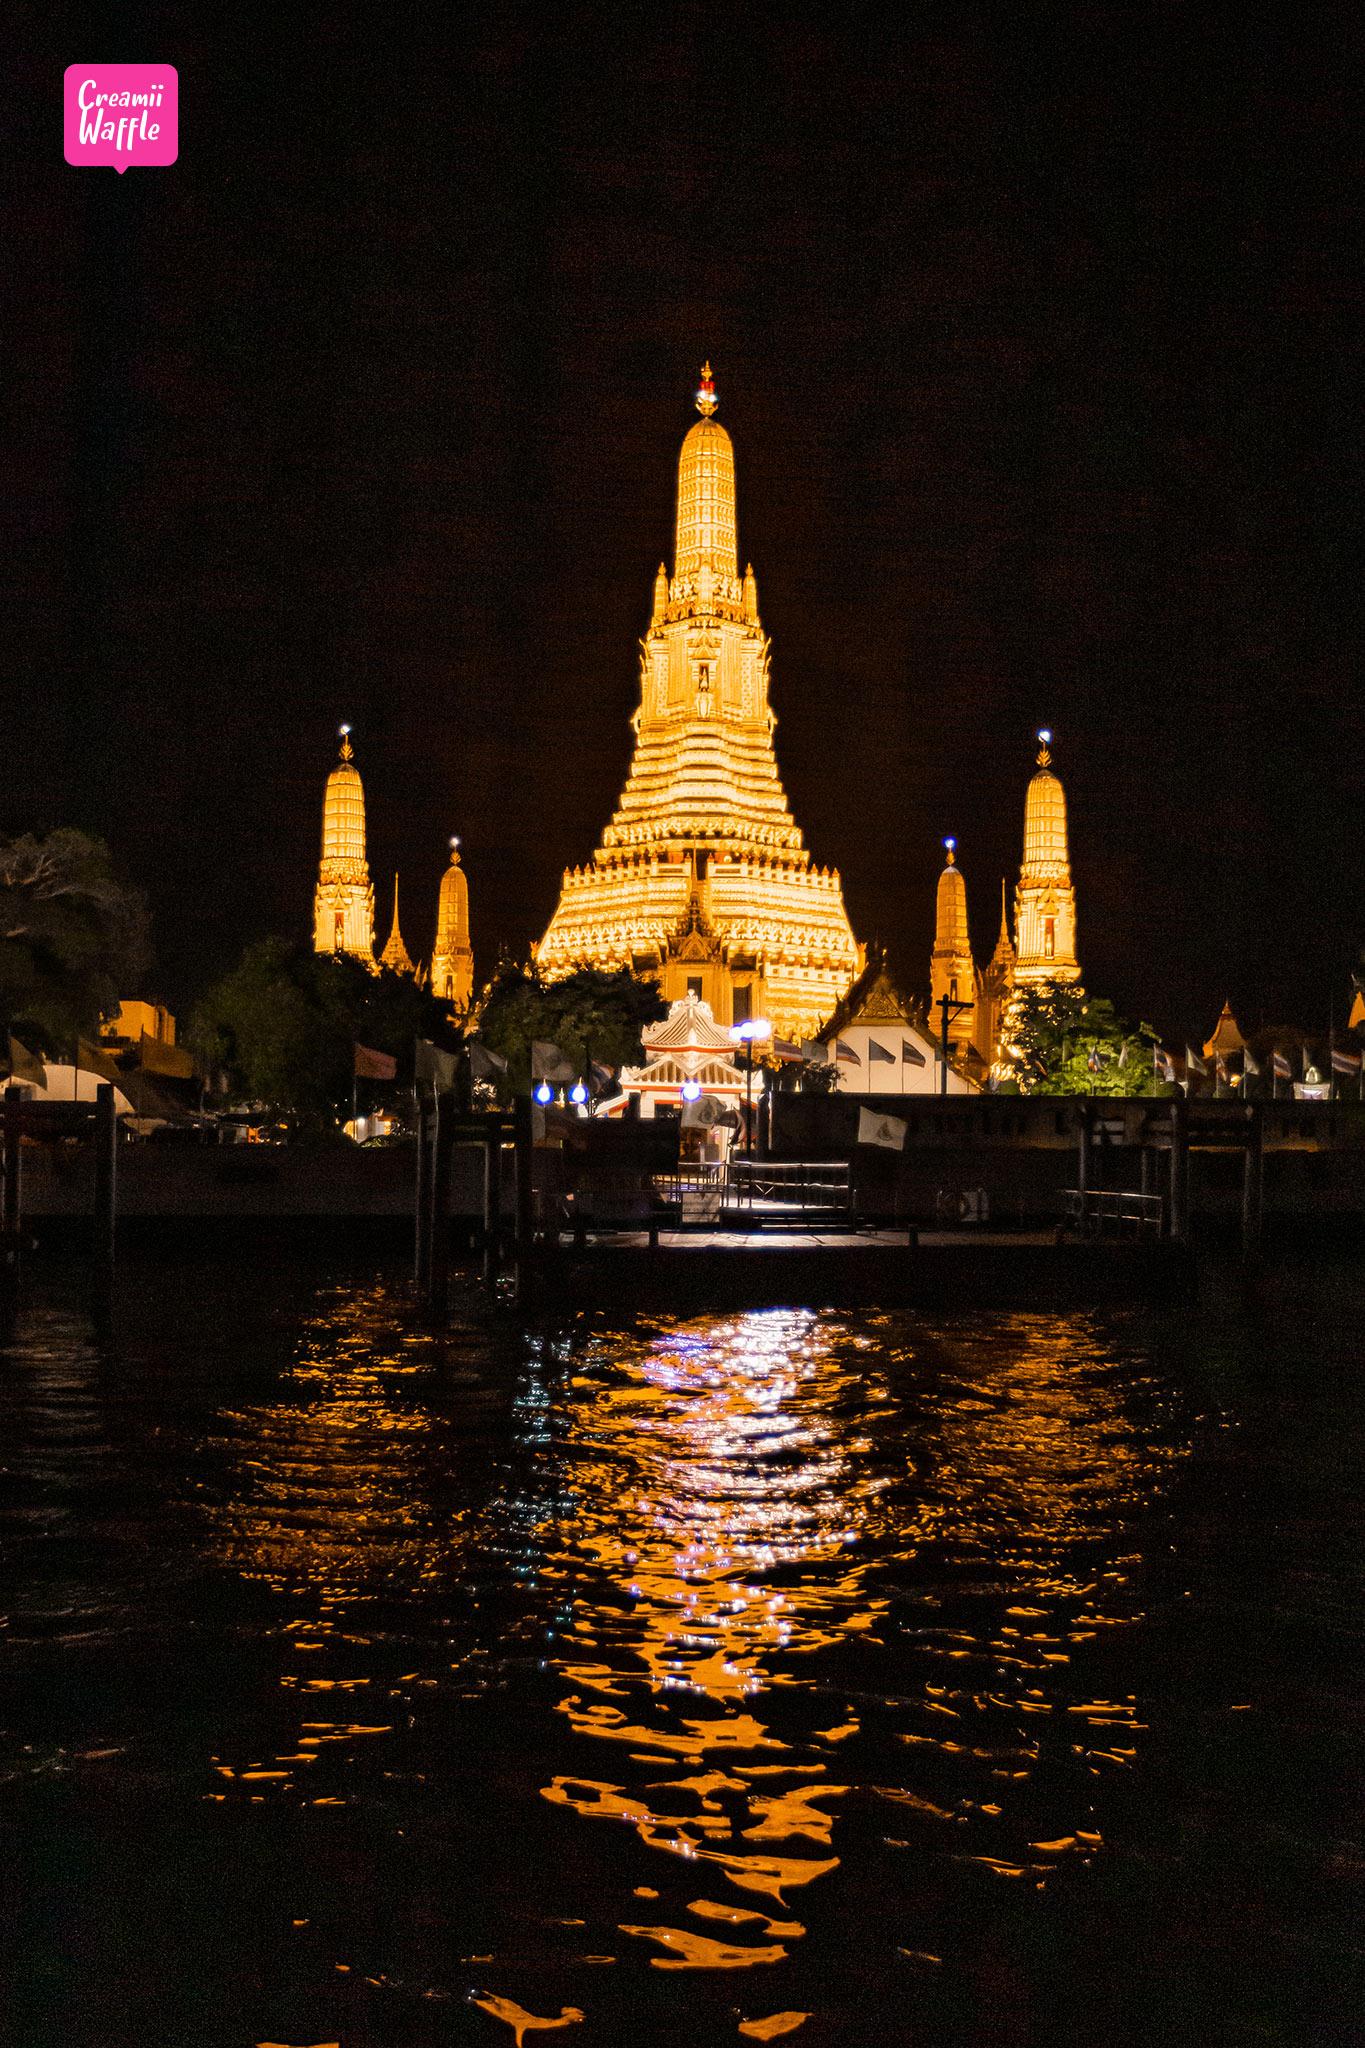 อนันตรา ริเวอร์ไซด์ ล่องเจ้าพระยา กับ เรือมโนราห์ ครุยส์ Manohra Cruises Bangkok